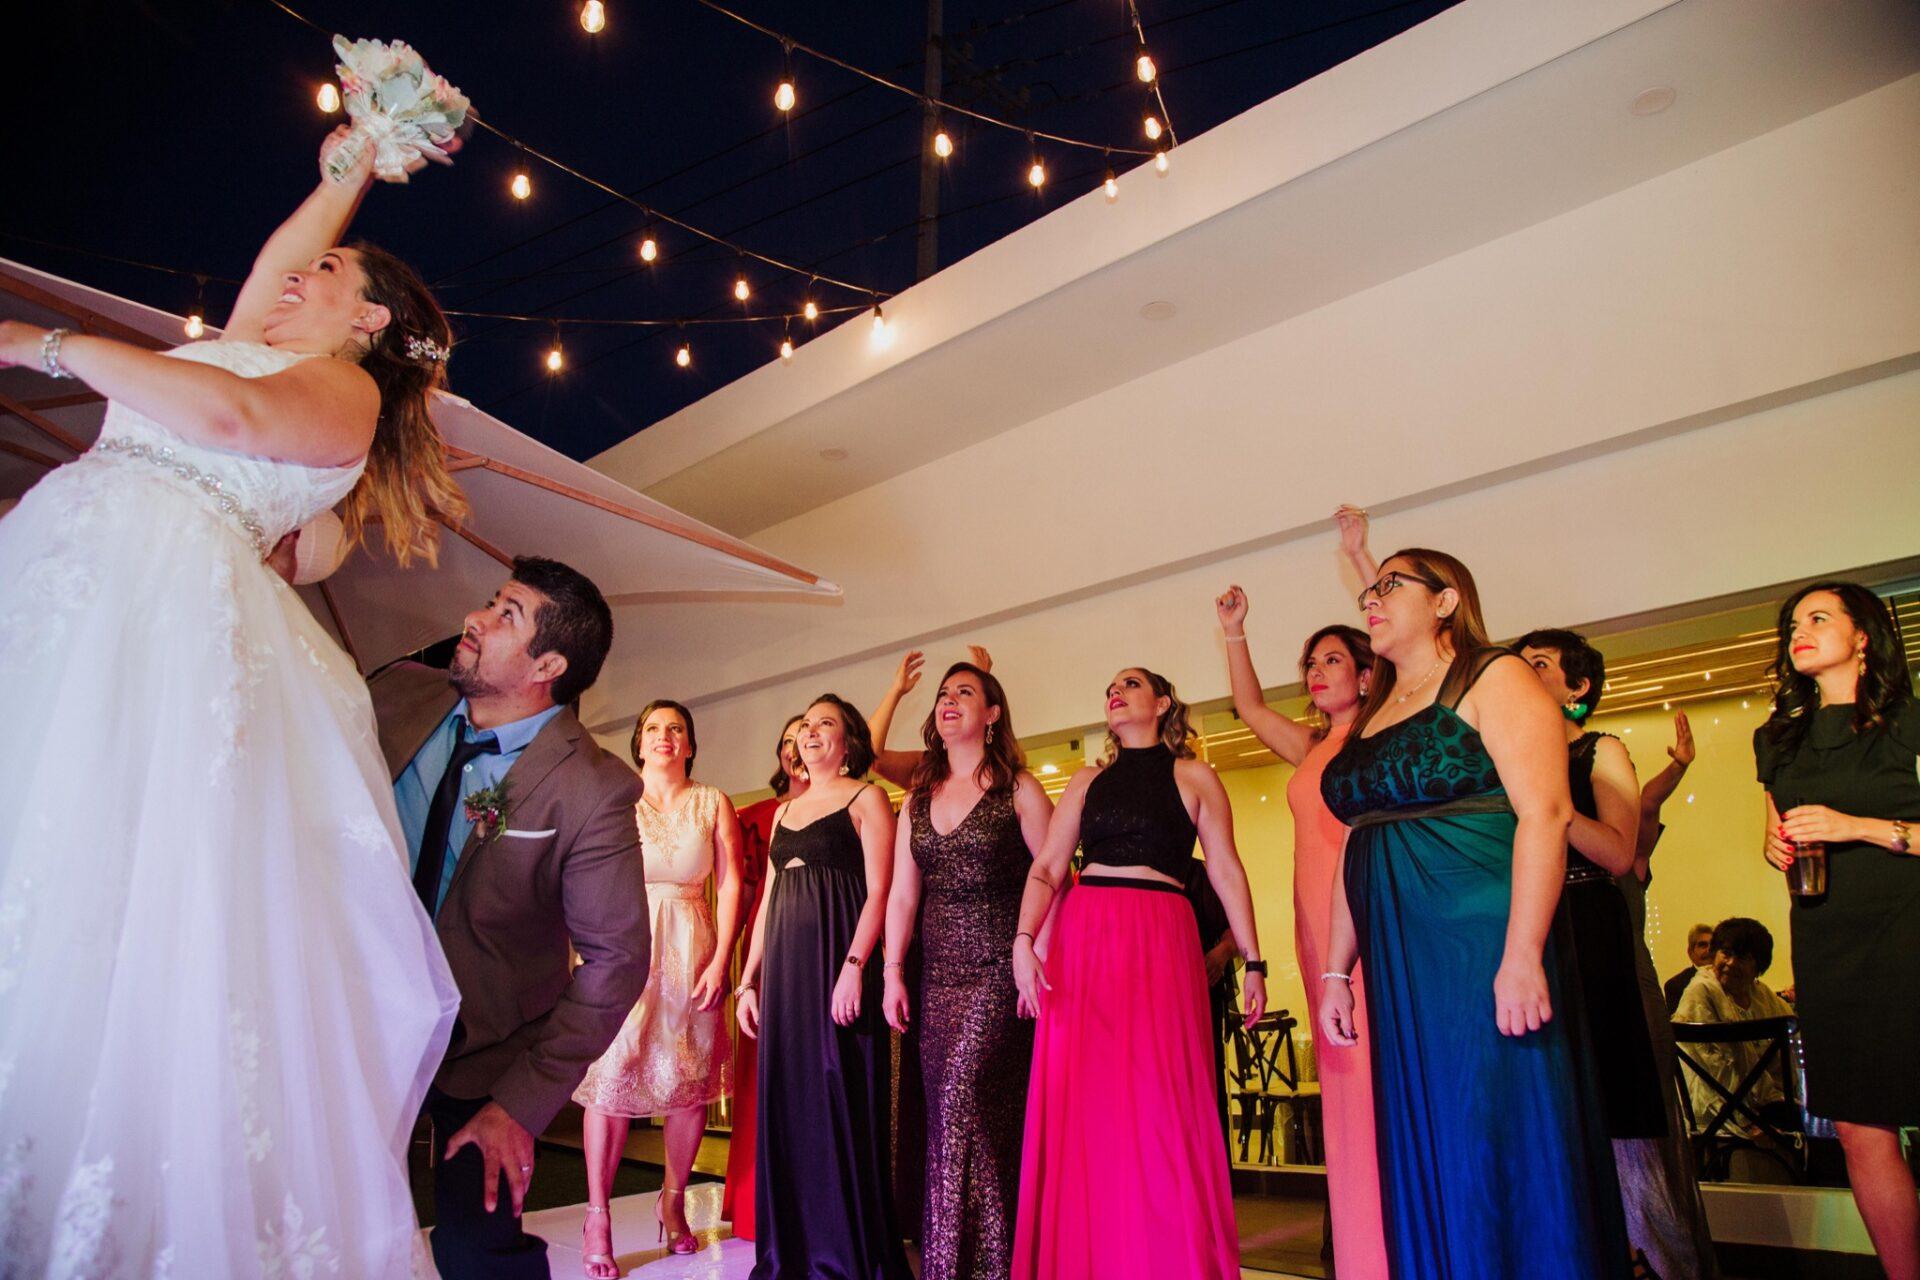 javier_noriega_fotografo_bodas_los_gaviones_zacatecas_wedding_photographer25